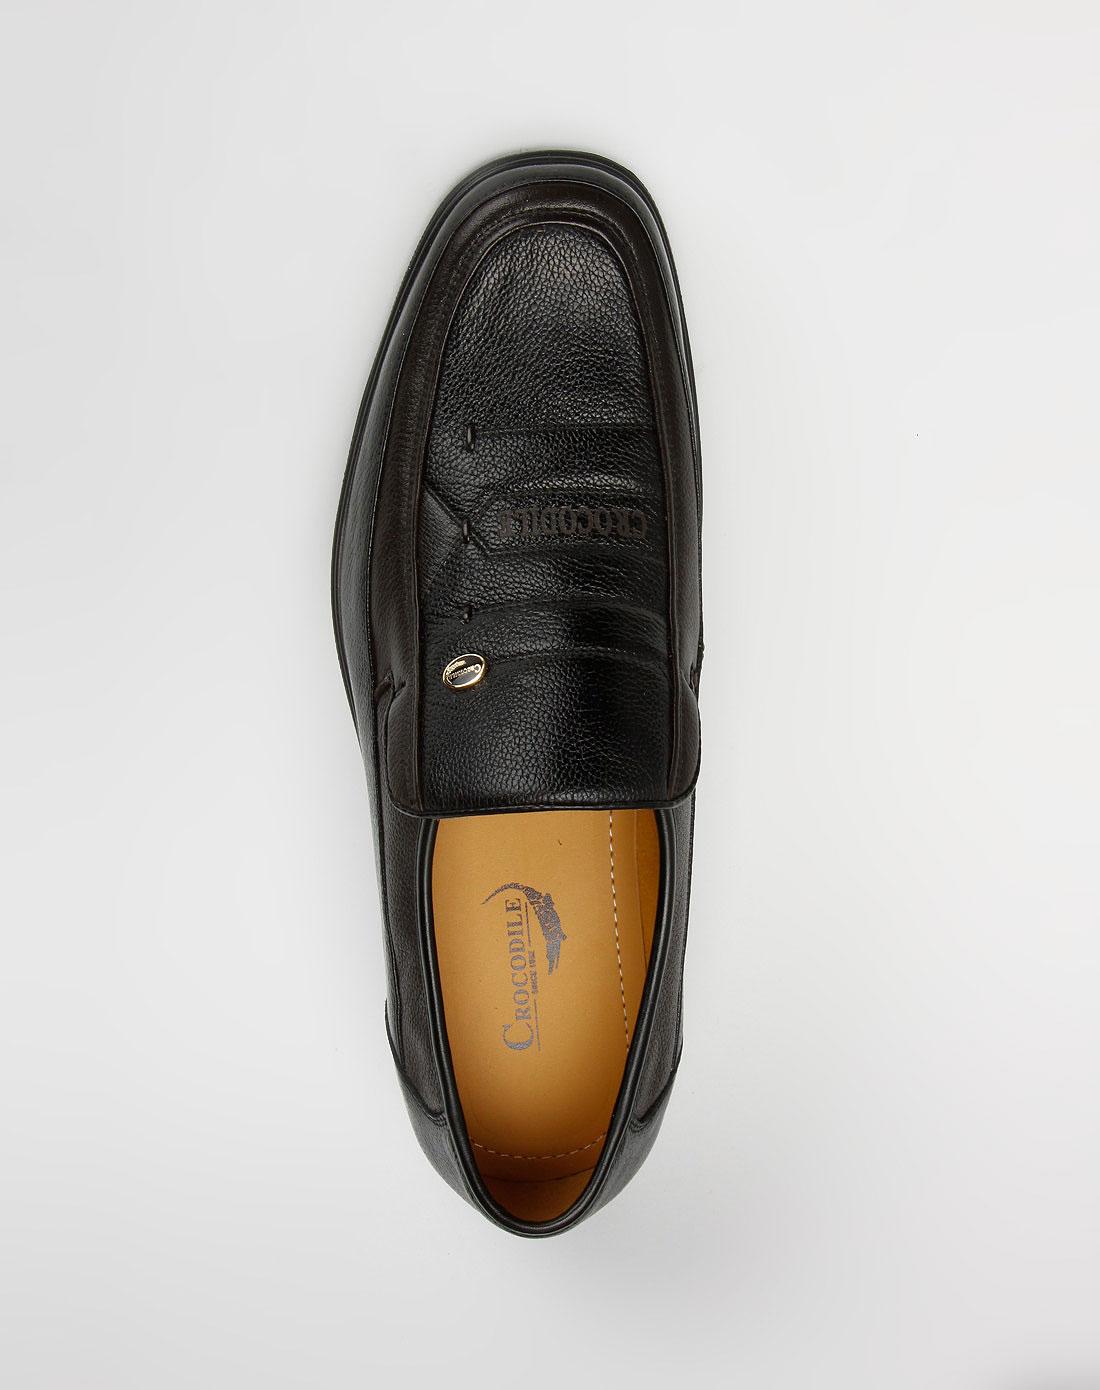 黑/棕色西装皮鞋_鳄鱼恤crocodile-鞋子专场特价1